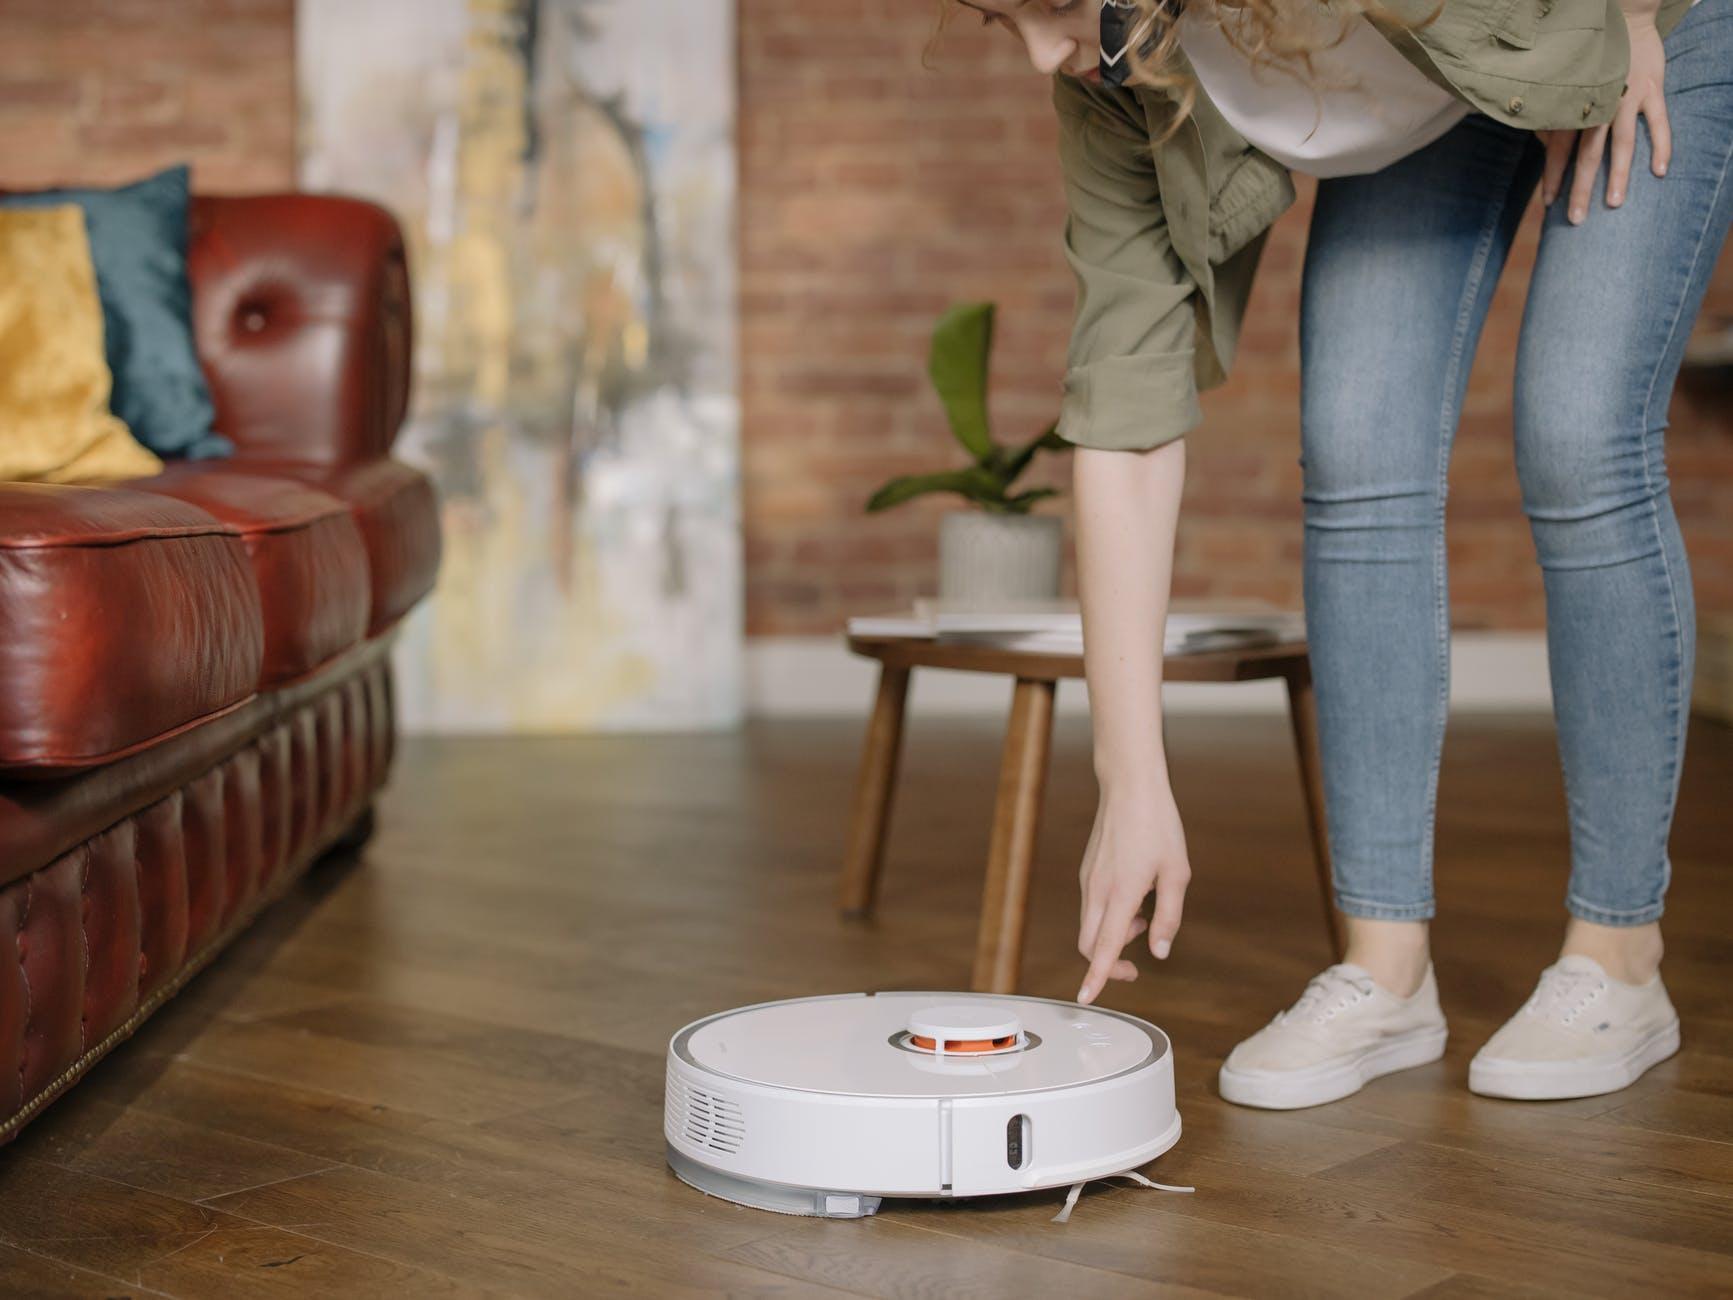 робот-пылесос на полу